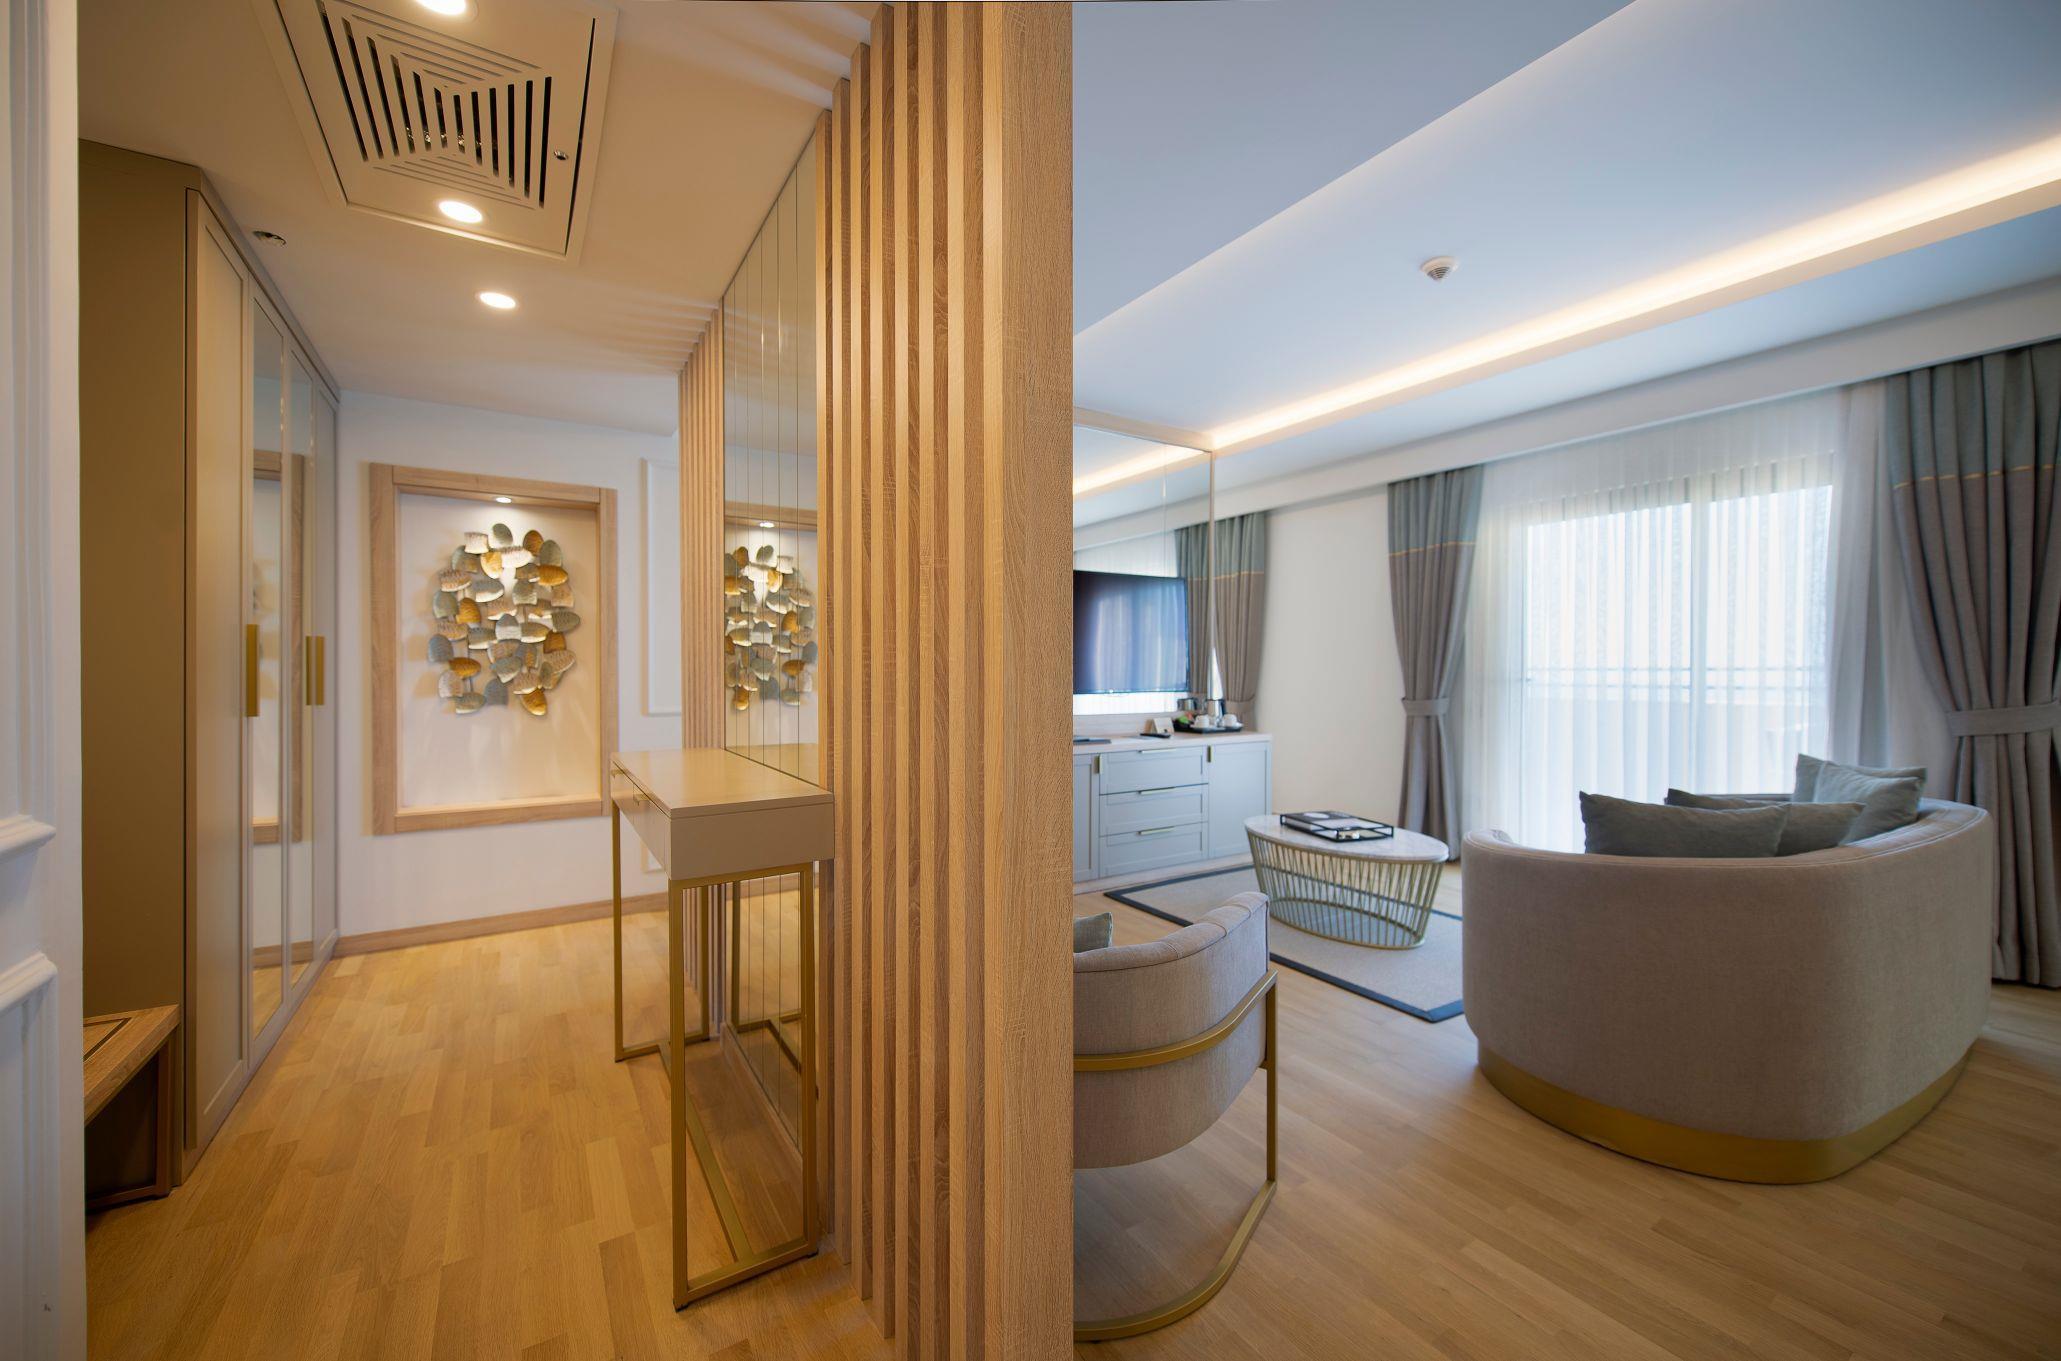 http://www.orextravel.sk/OREX/hotelphotos/miramare-queen-hotel-general-0010.jpg